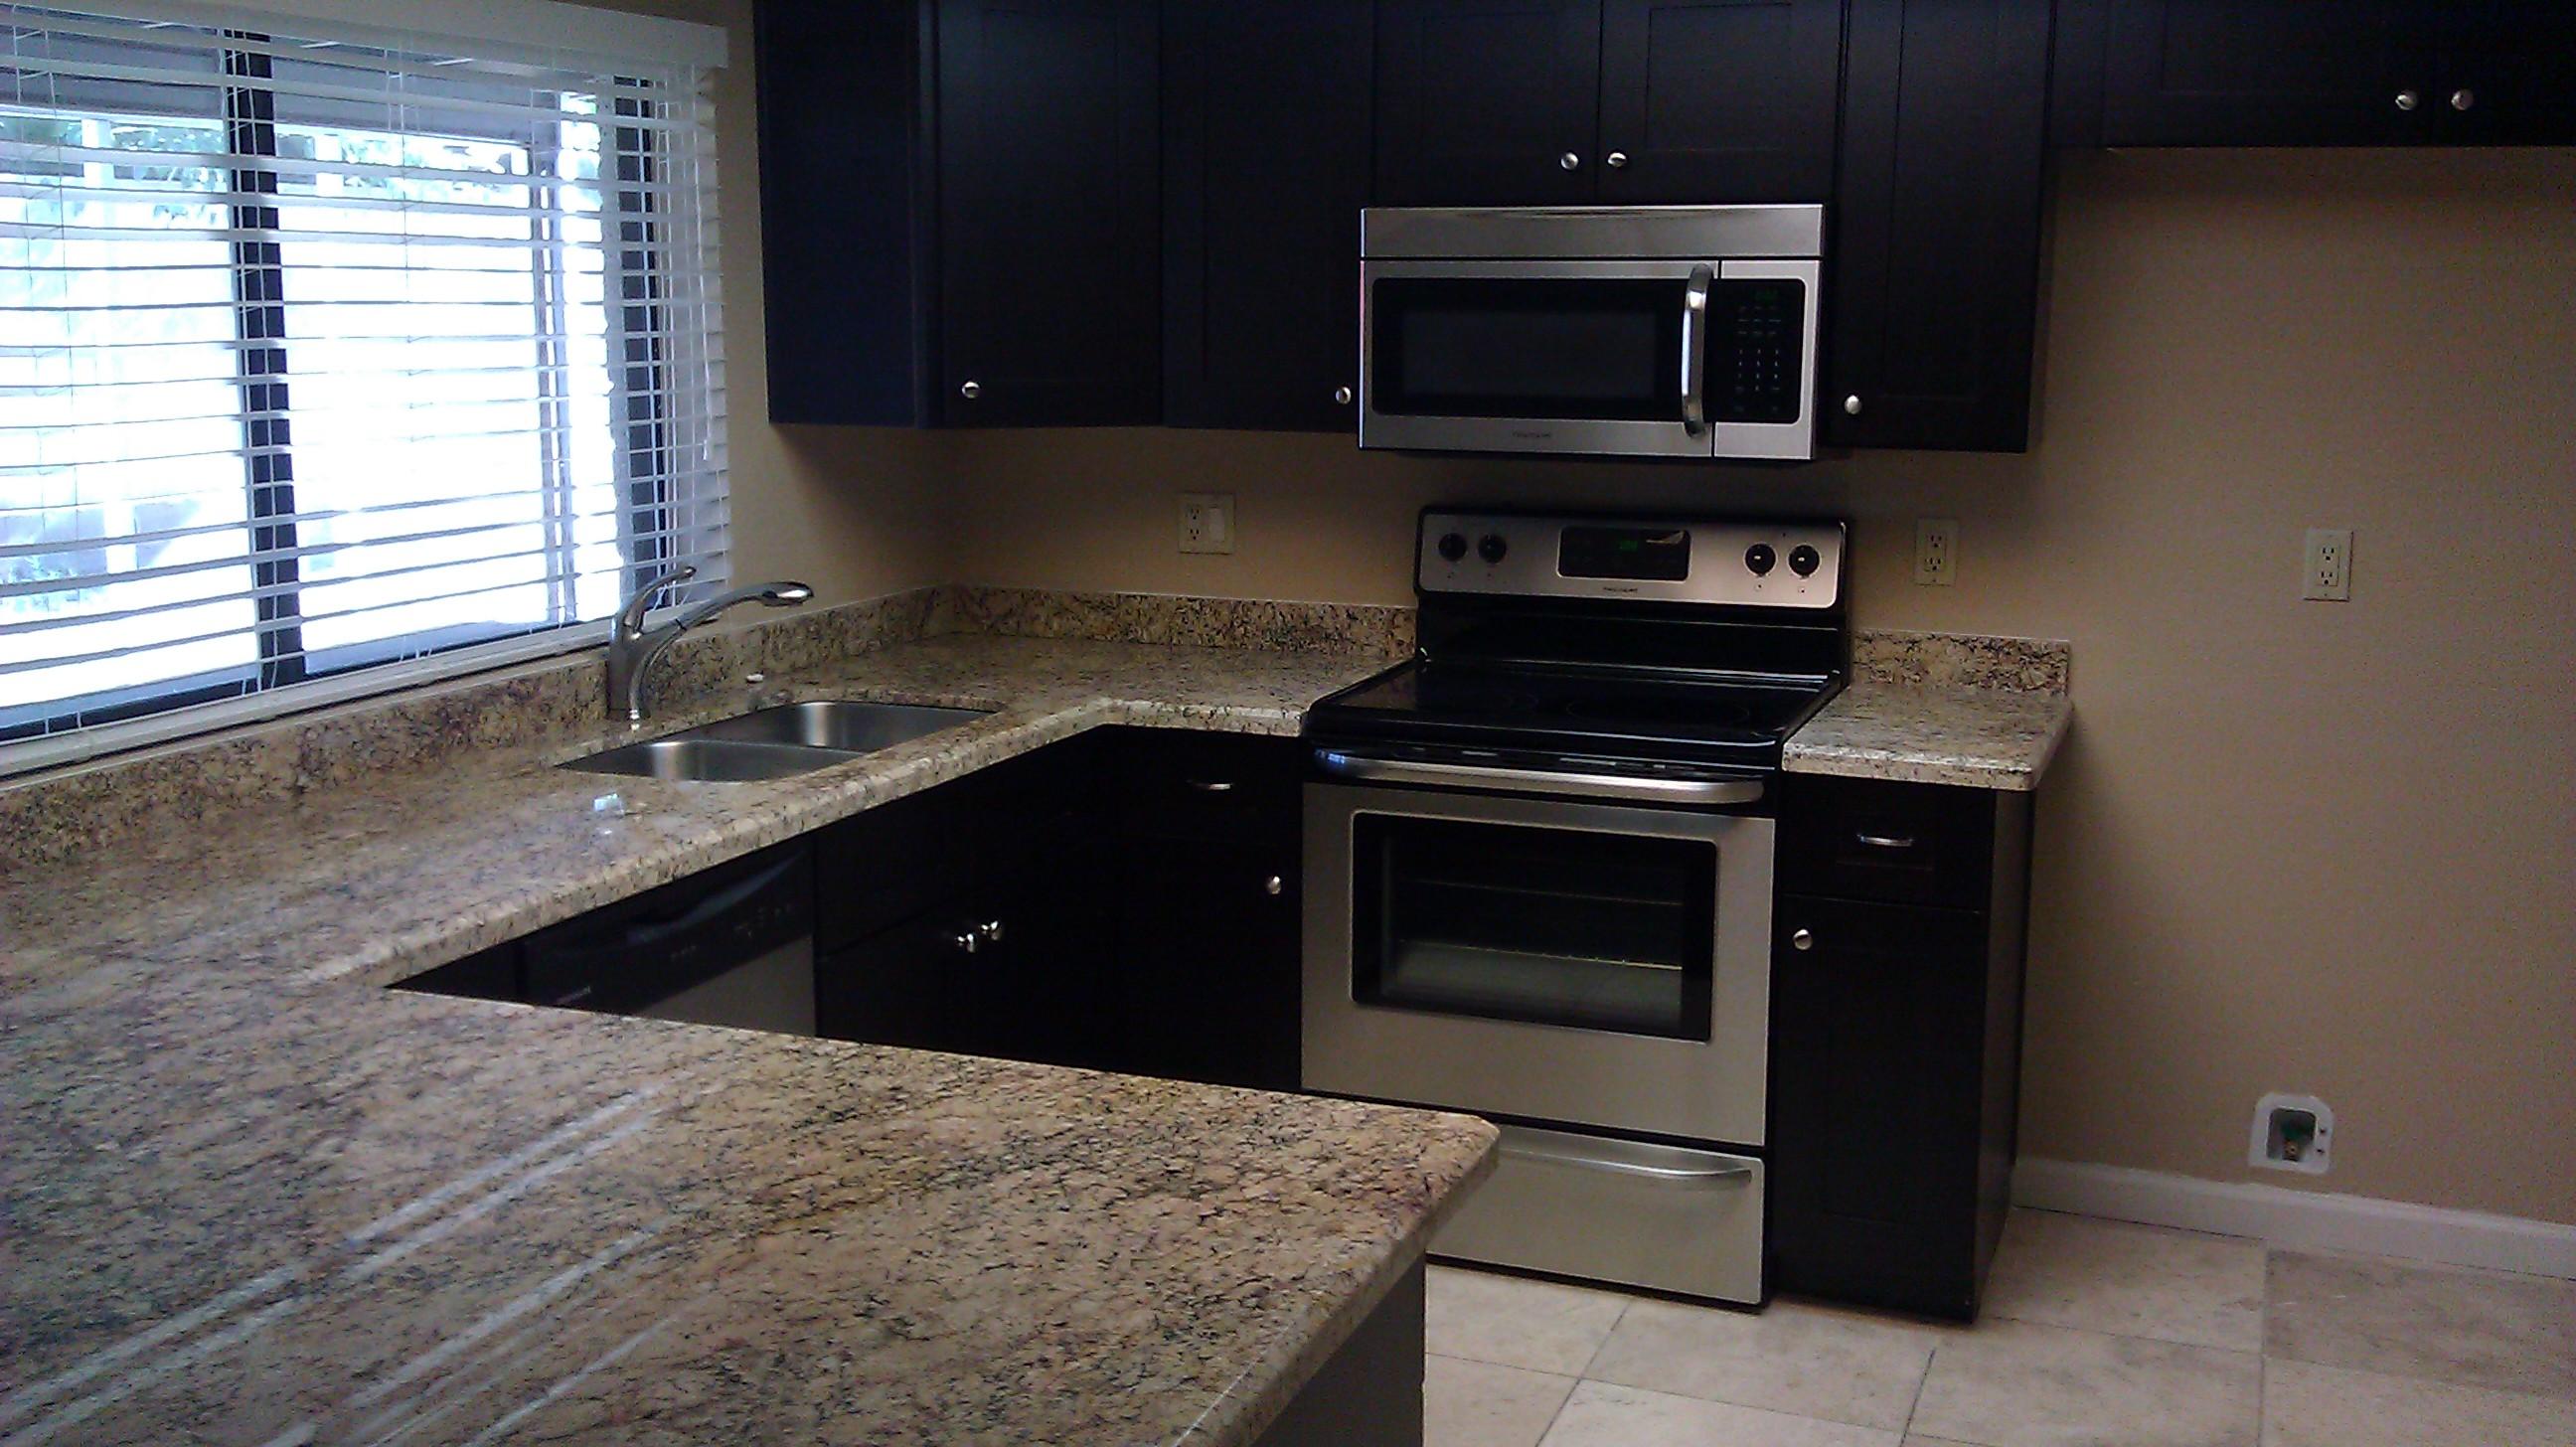 Remodeled 4 bedroom home for sale in willowbrook glendale az